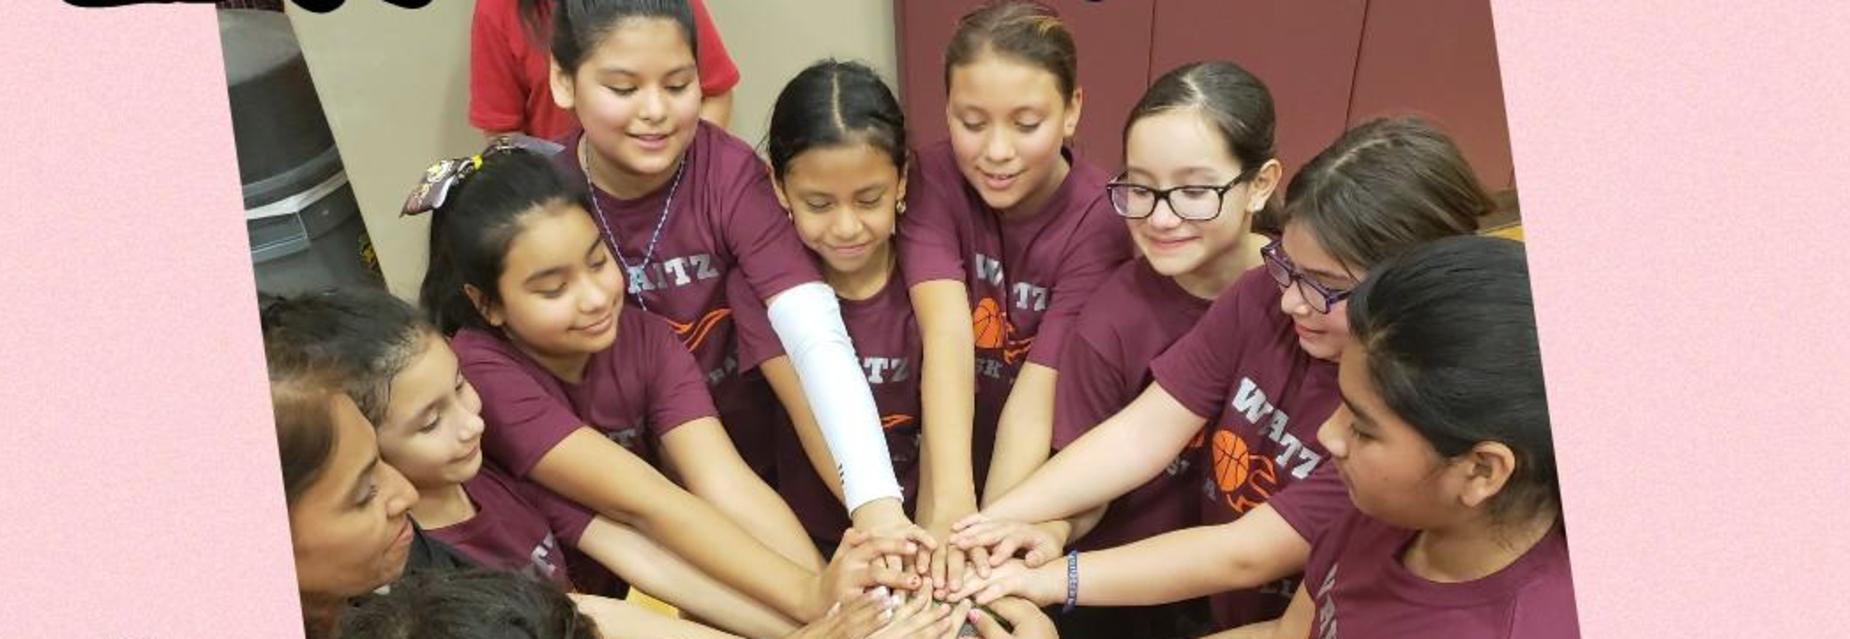 Girls basket ball team